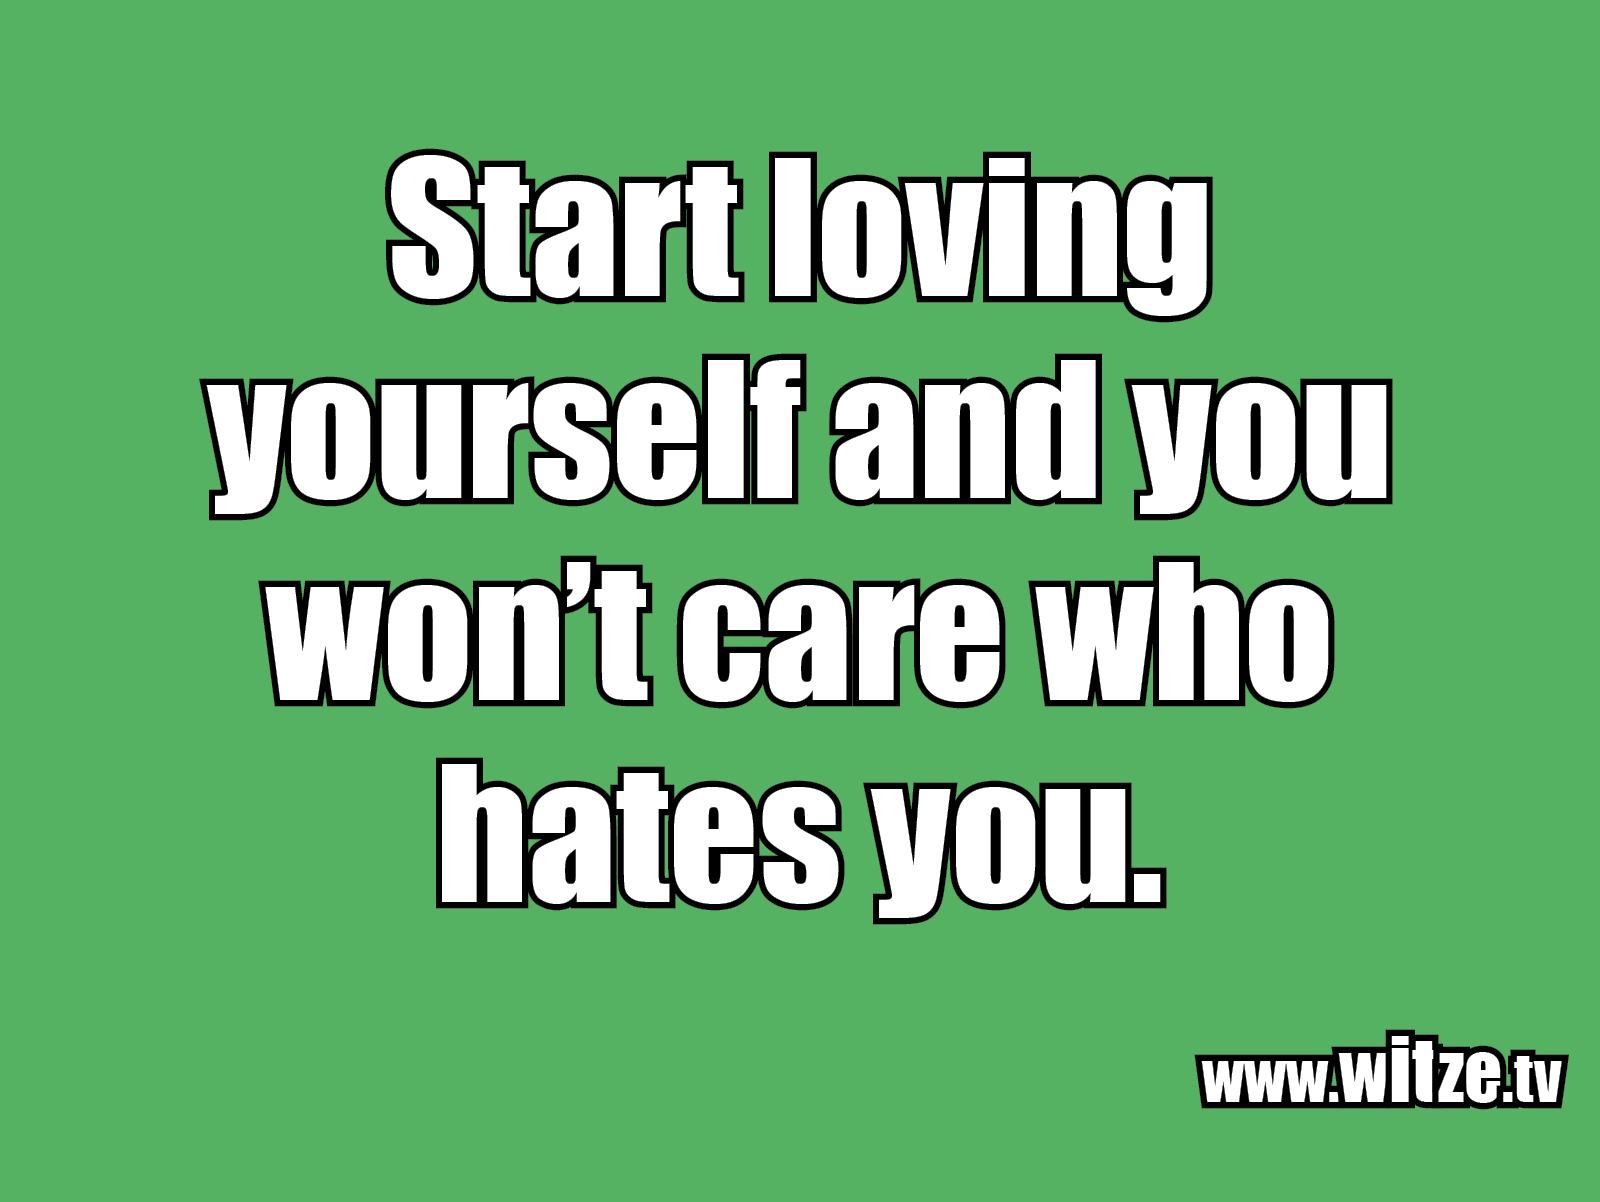 Hammer Gag... Start loving yourself...